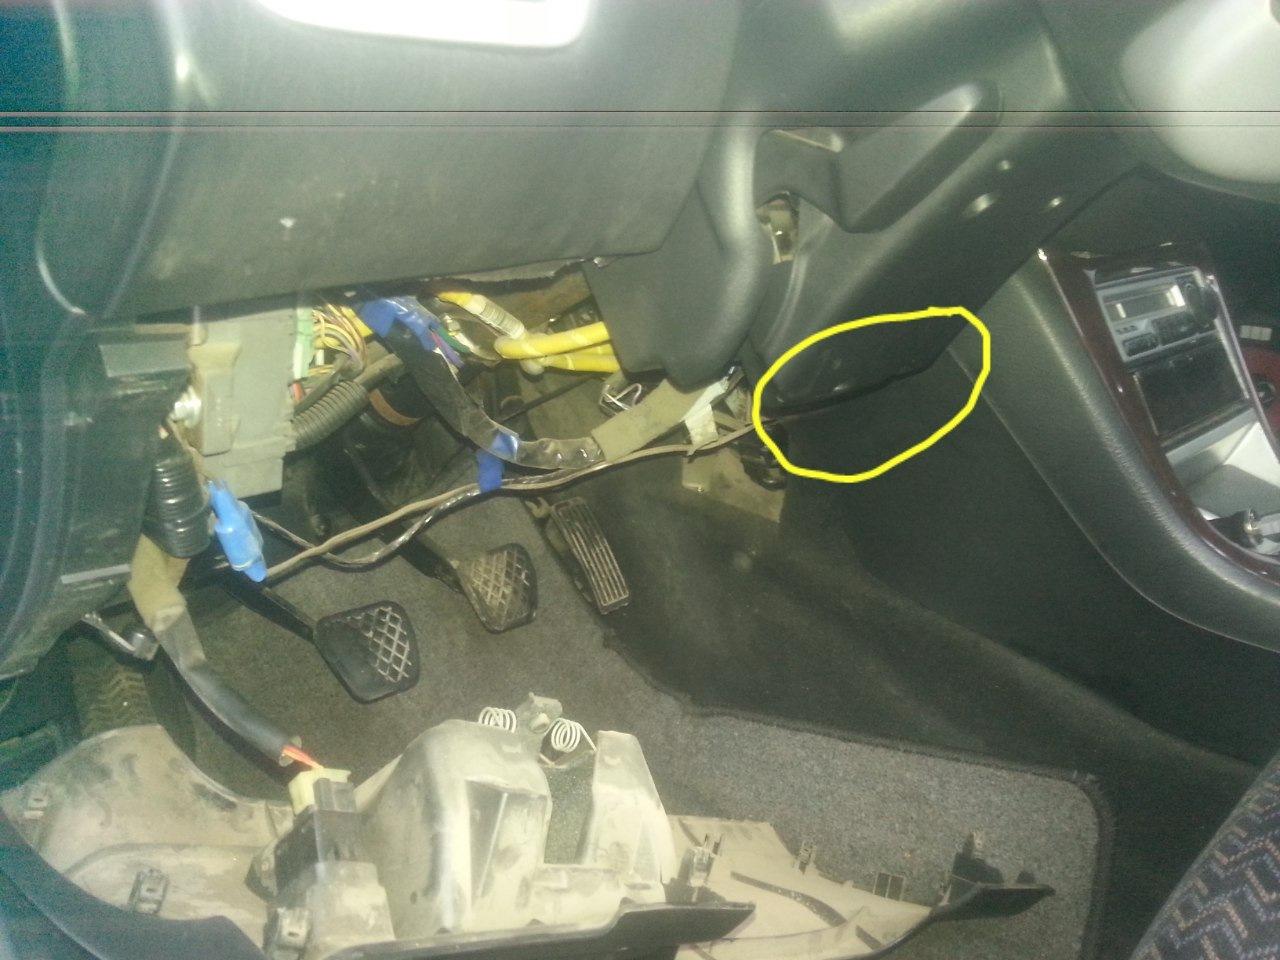 Кнопка прекращения подачи топлива справа от водителя